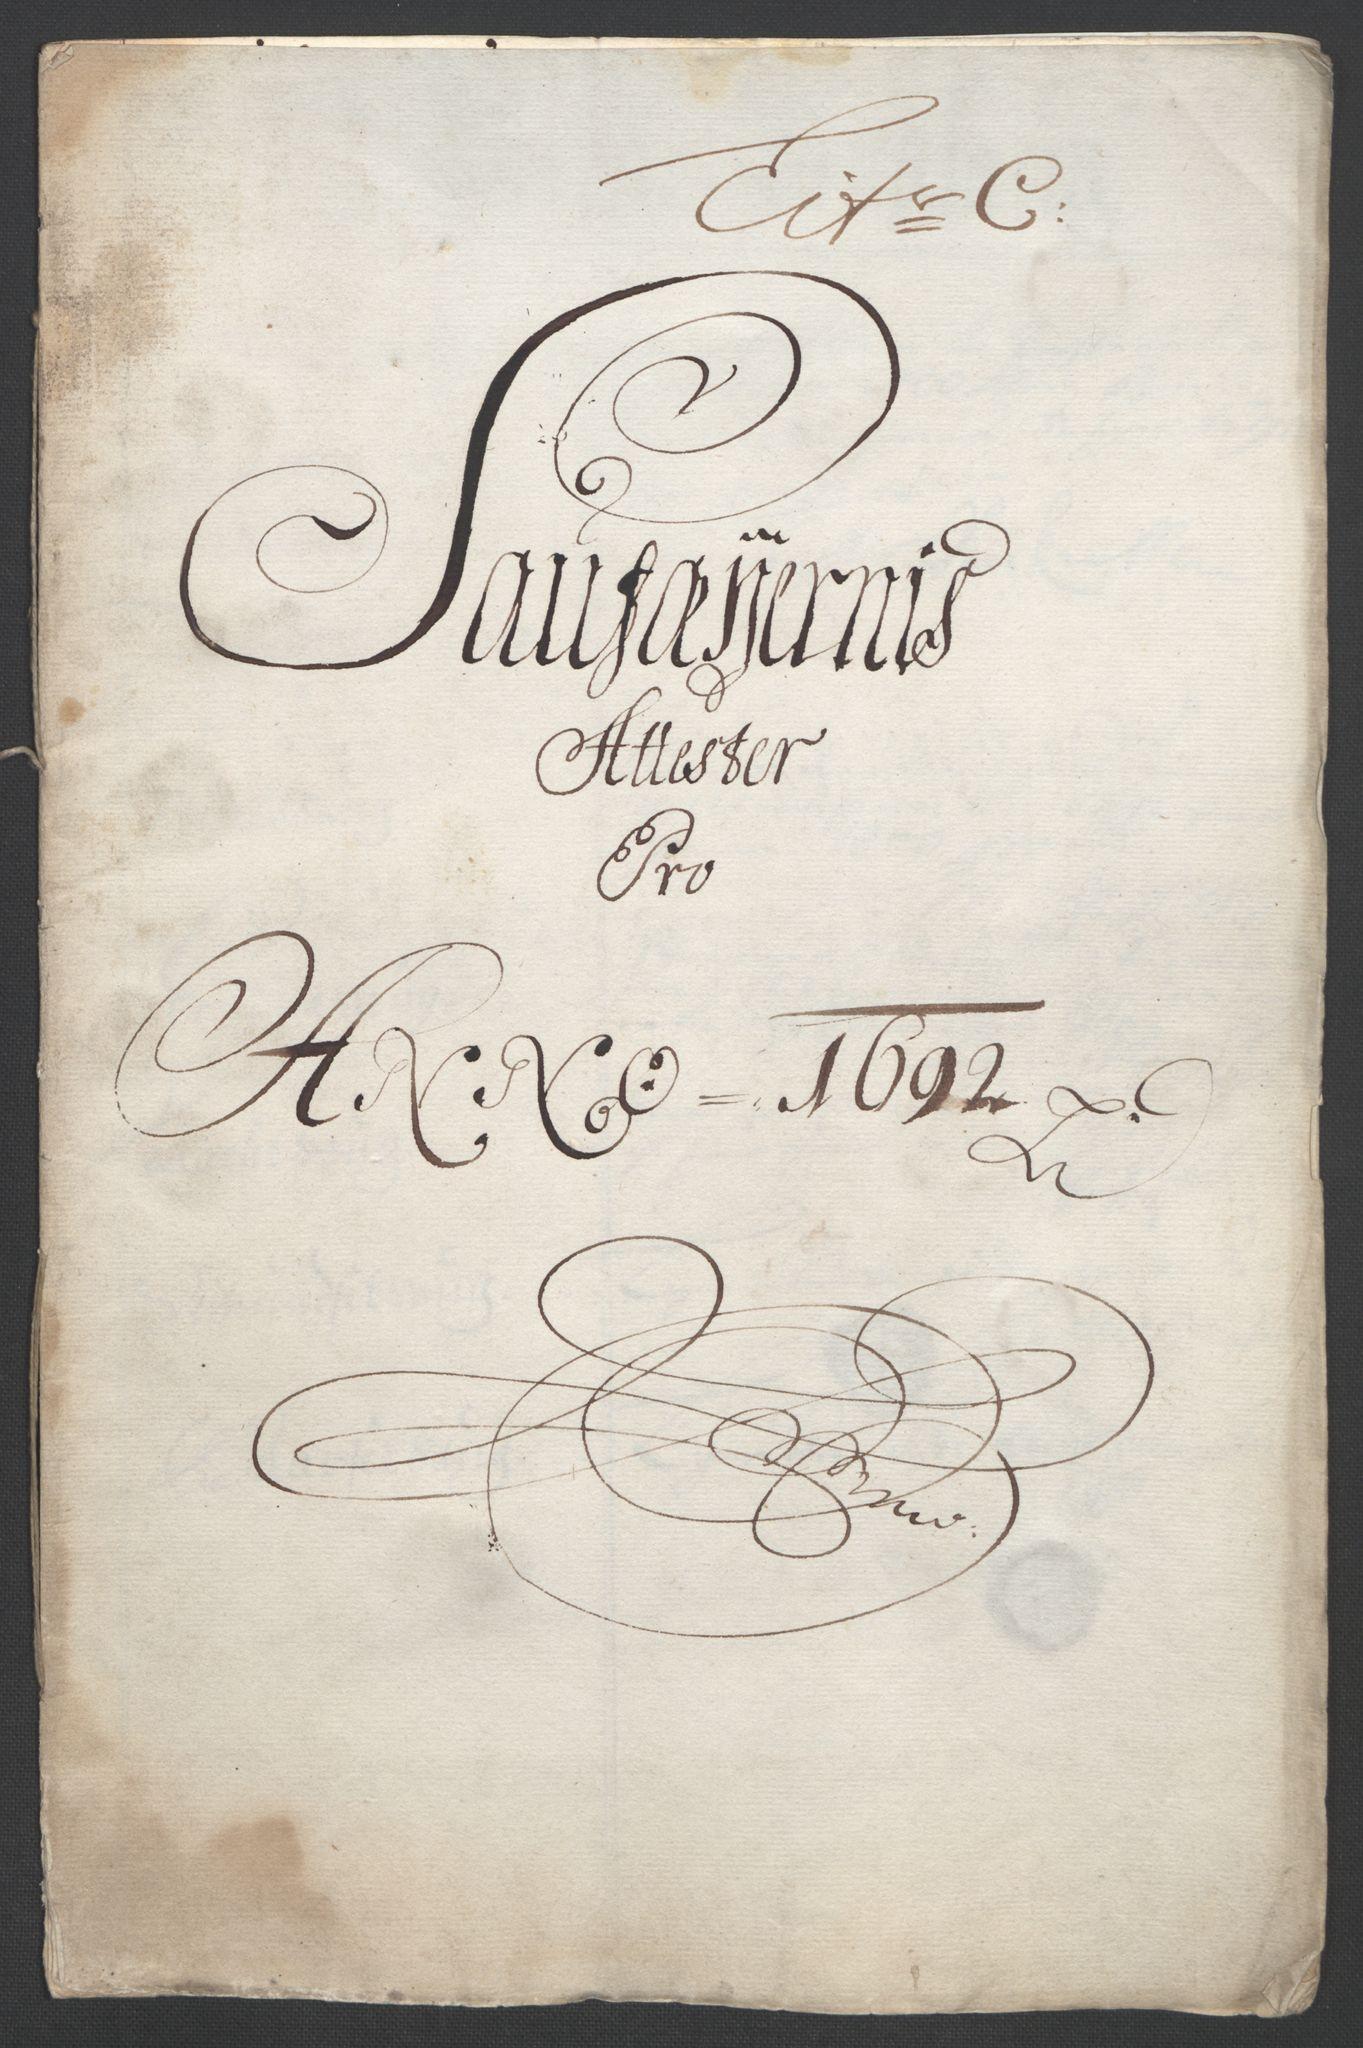 RA, Rentekammeret inntil 1814, Reviderte regnskaper, Fogderegnskap, R56/L3735: Fogderegnskap Nordmøre, 1692-1693, s. 70